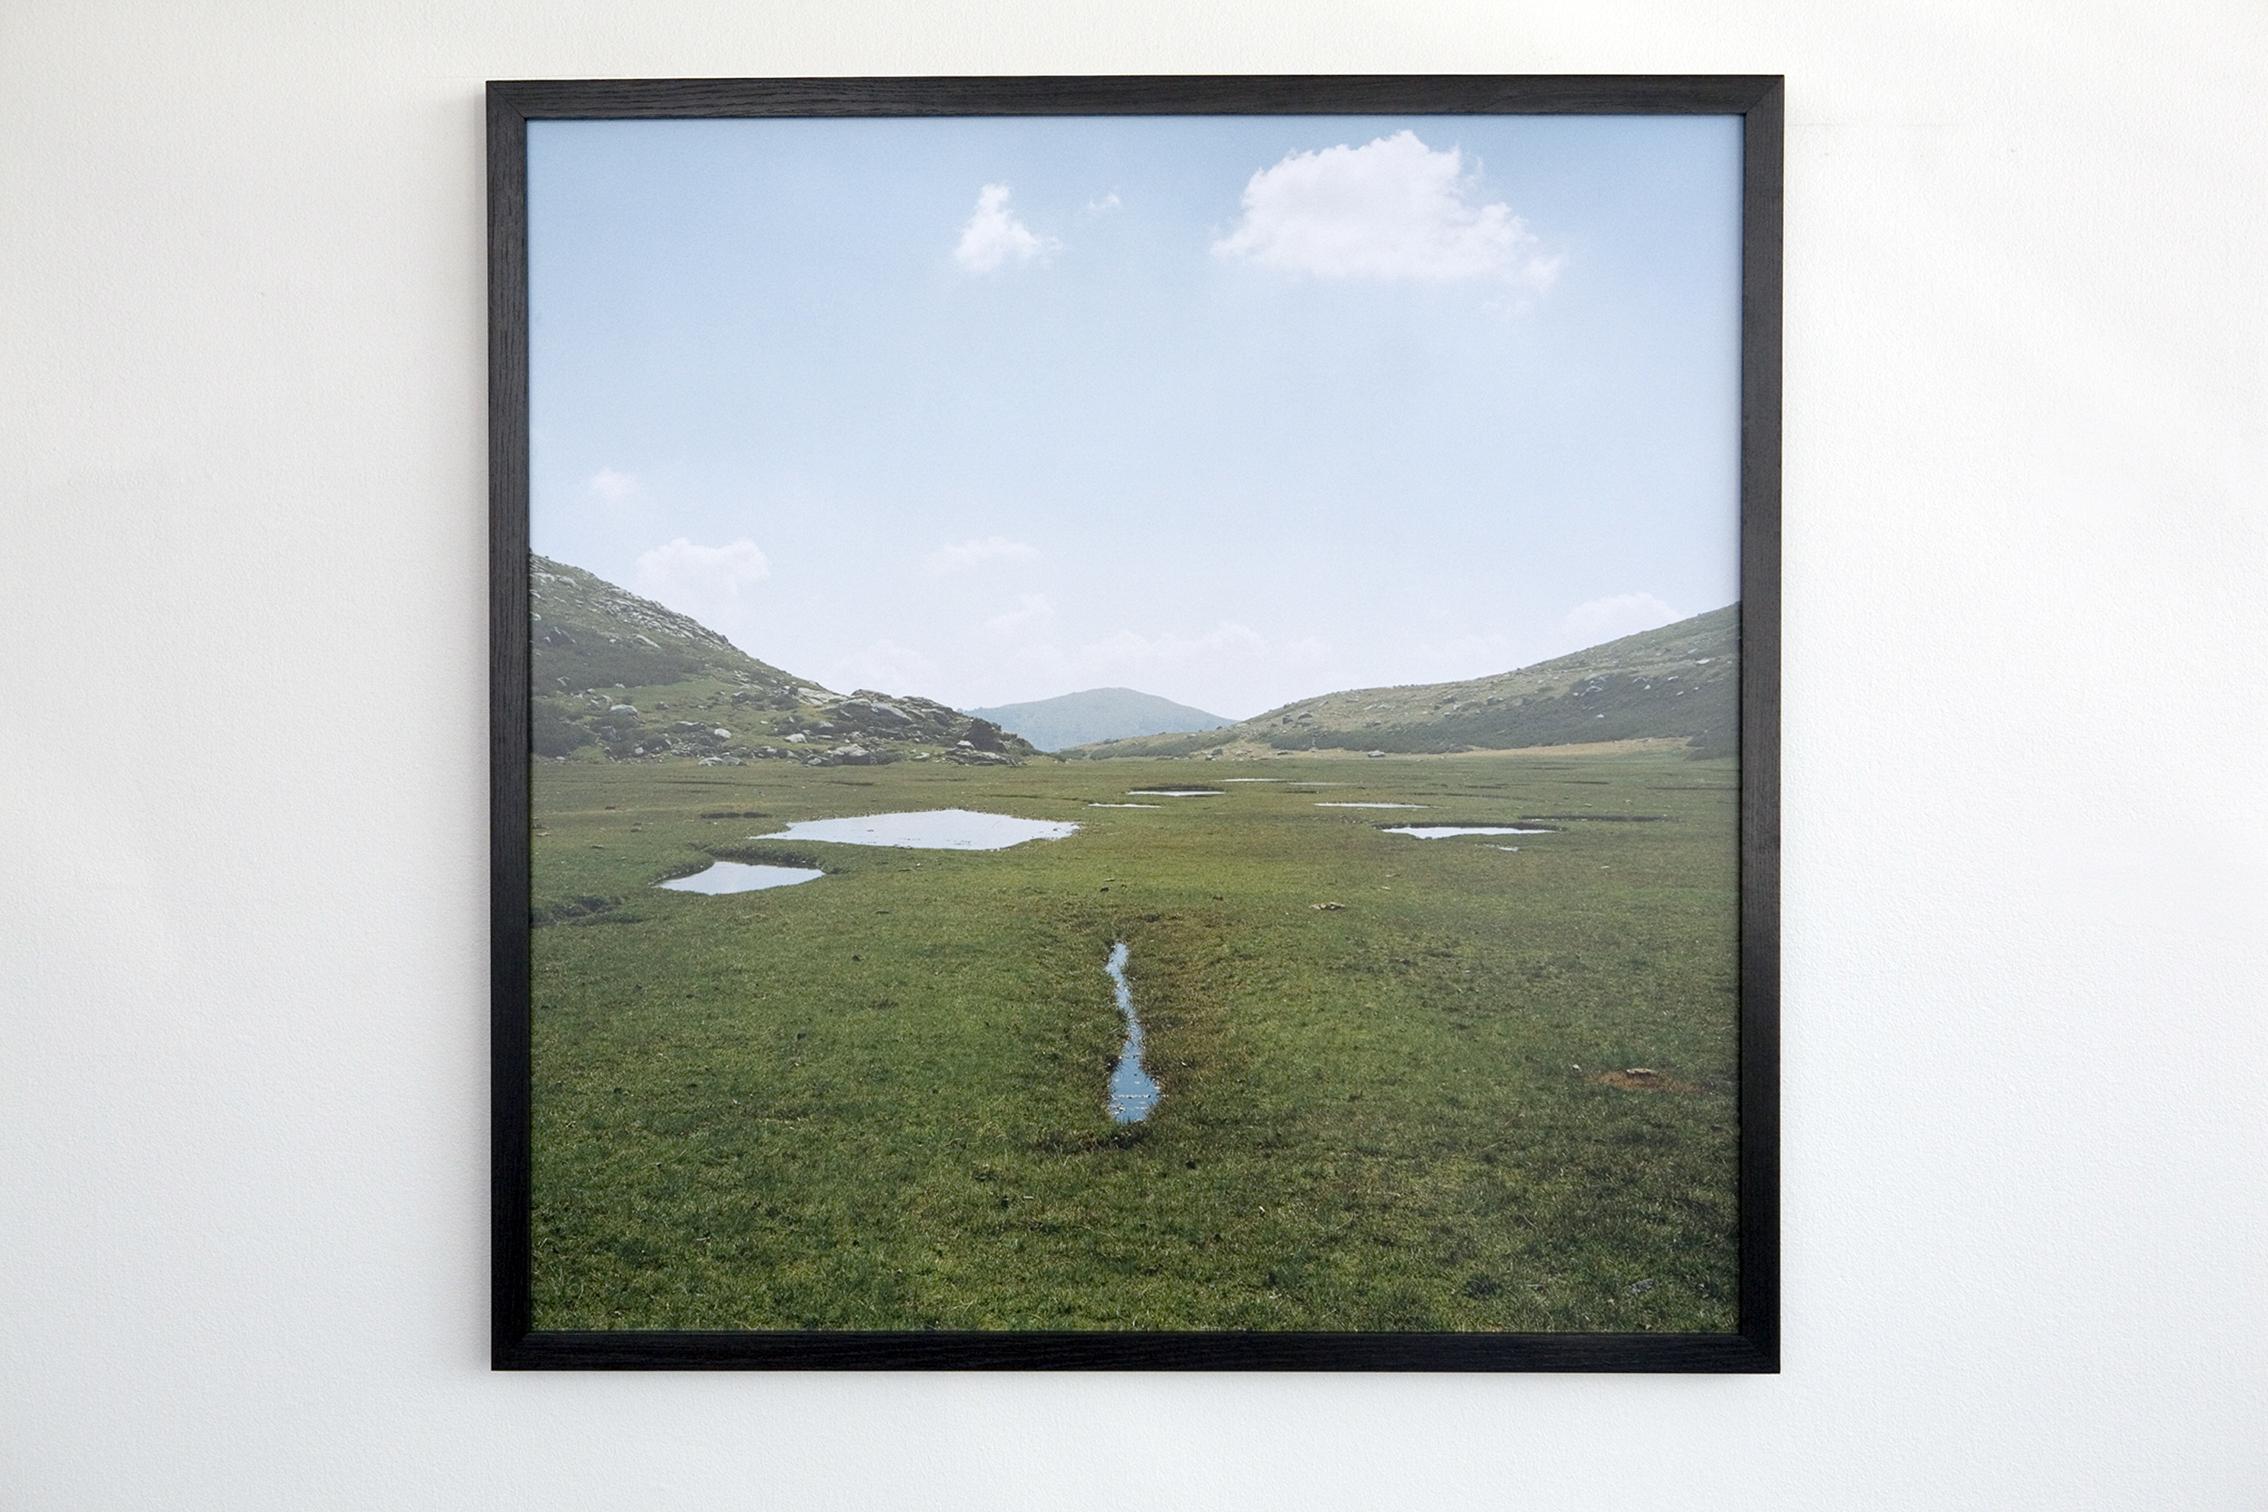 """exposition Vagabondages, Une pièce de """"Vagabondages"""", 80-80 cm, tirage argentique d'après négatif couleur, Corse, GR20, plateau du Niolu"""